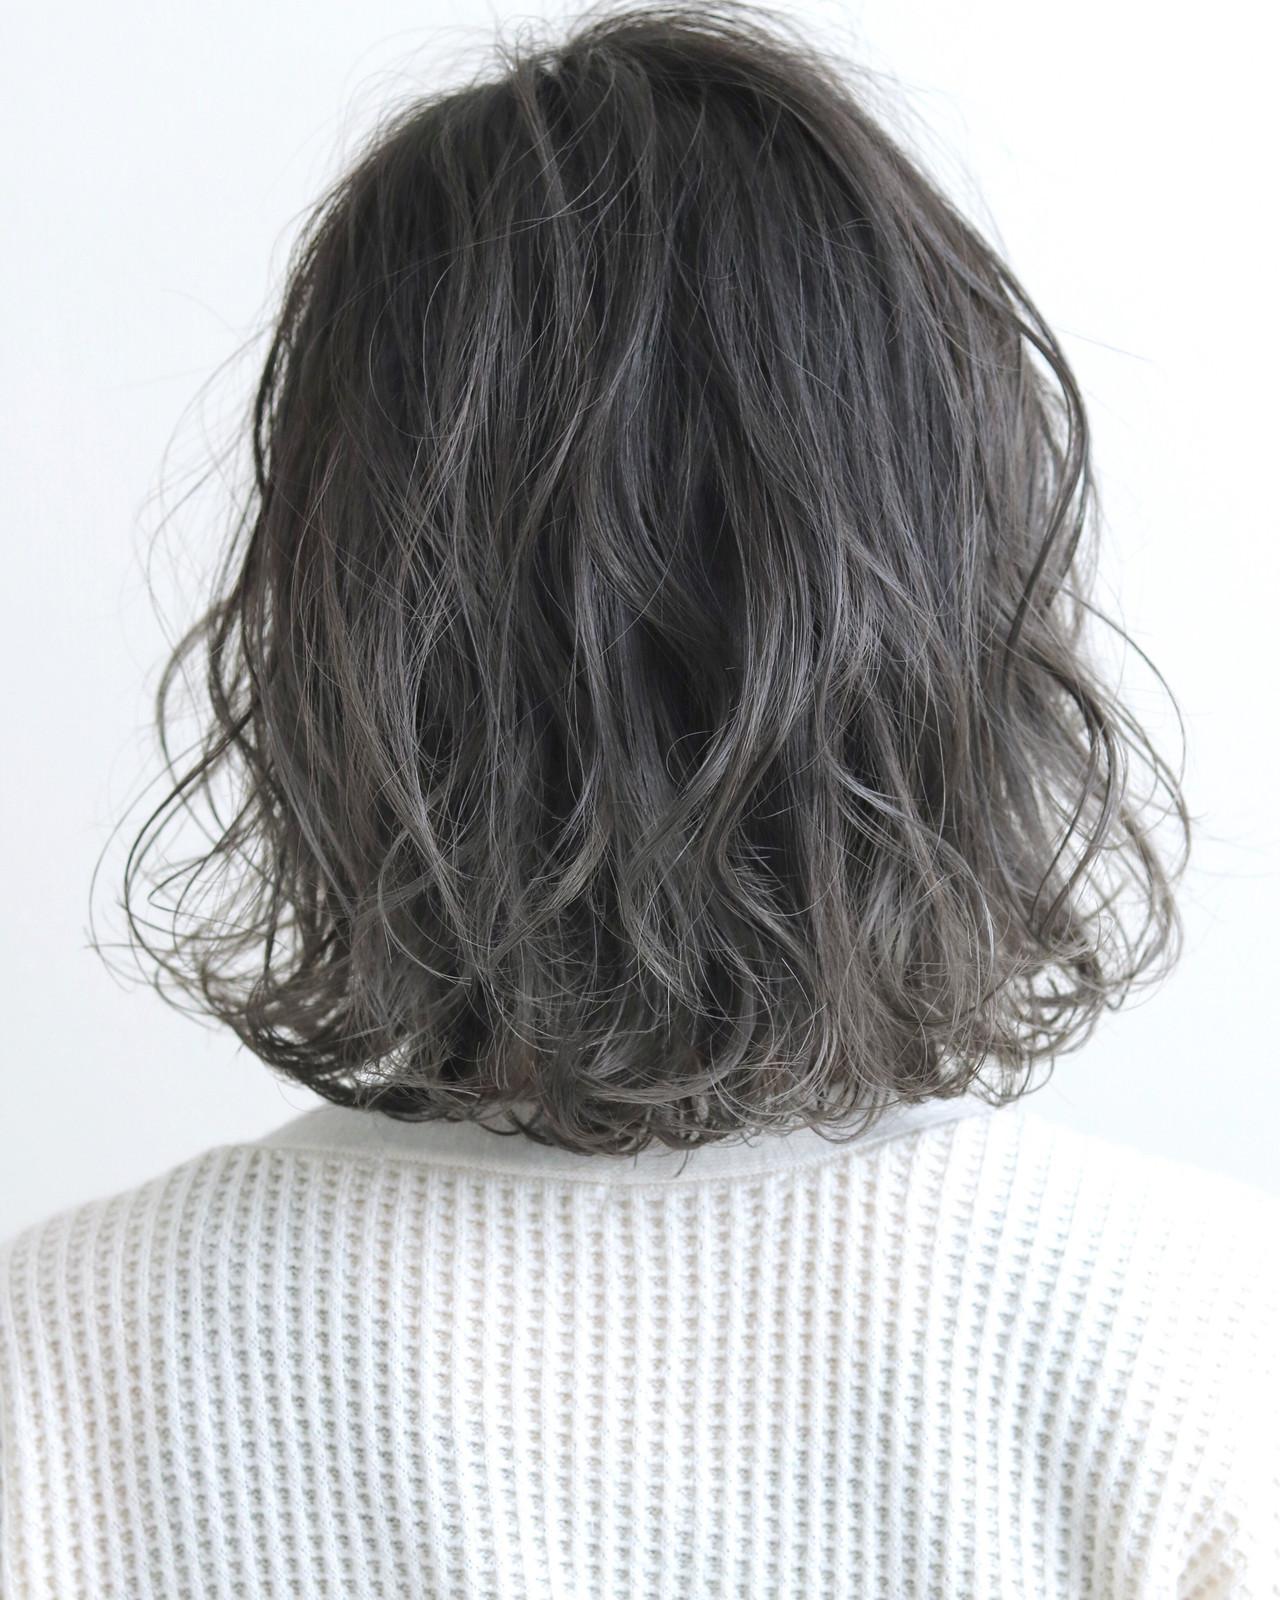 グレージュ グレーアッシュ グレー ボブ ヘアスタイルや髪型の写真・画像